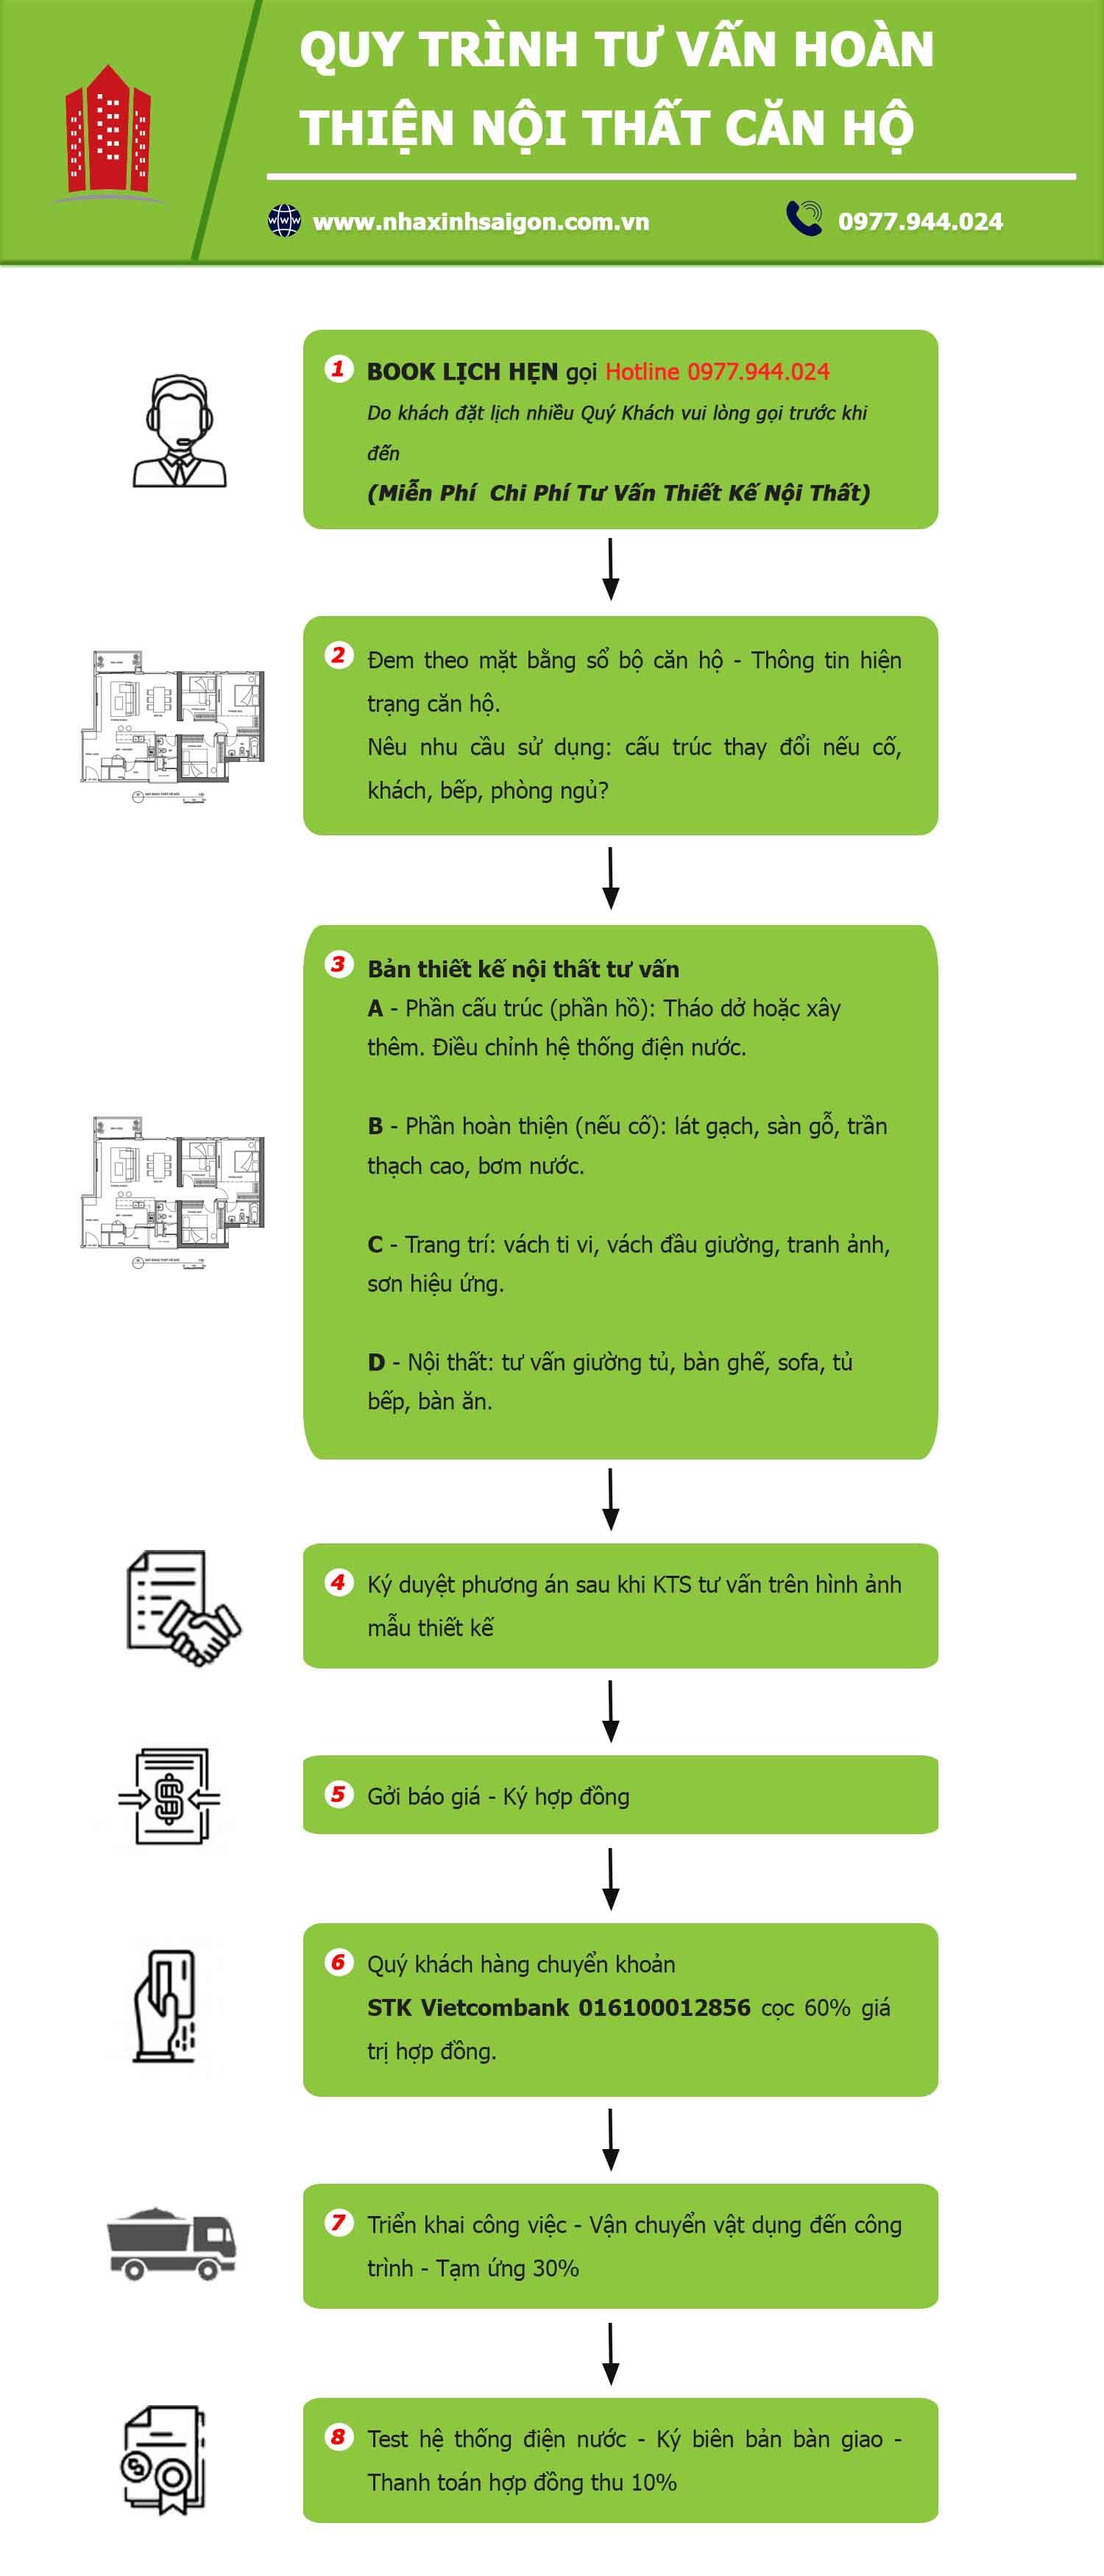 quy trình tư vấn hoàn thiện nội thất căn hộ